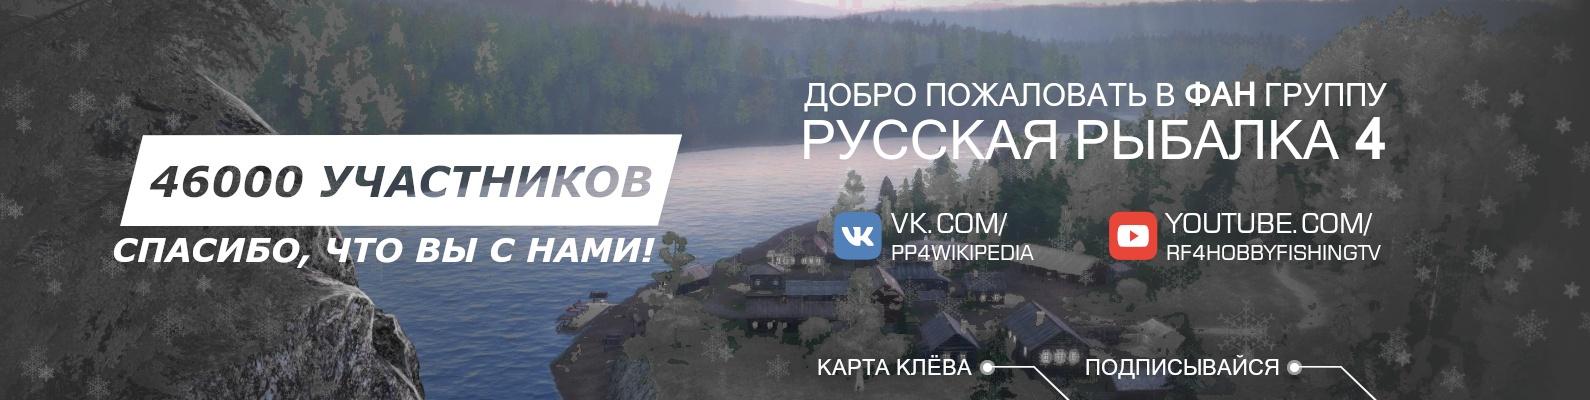 русская рыбалка 3 7 4 ахтуба